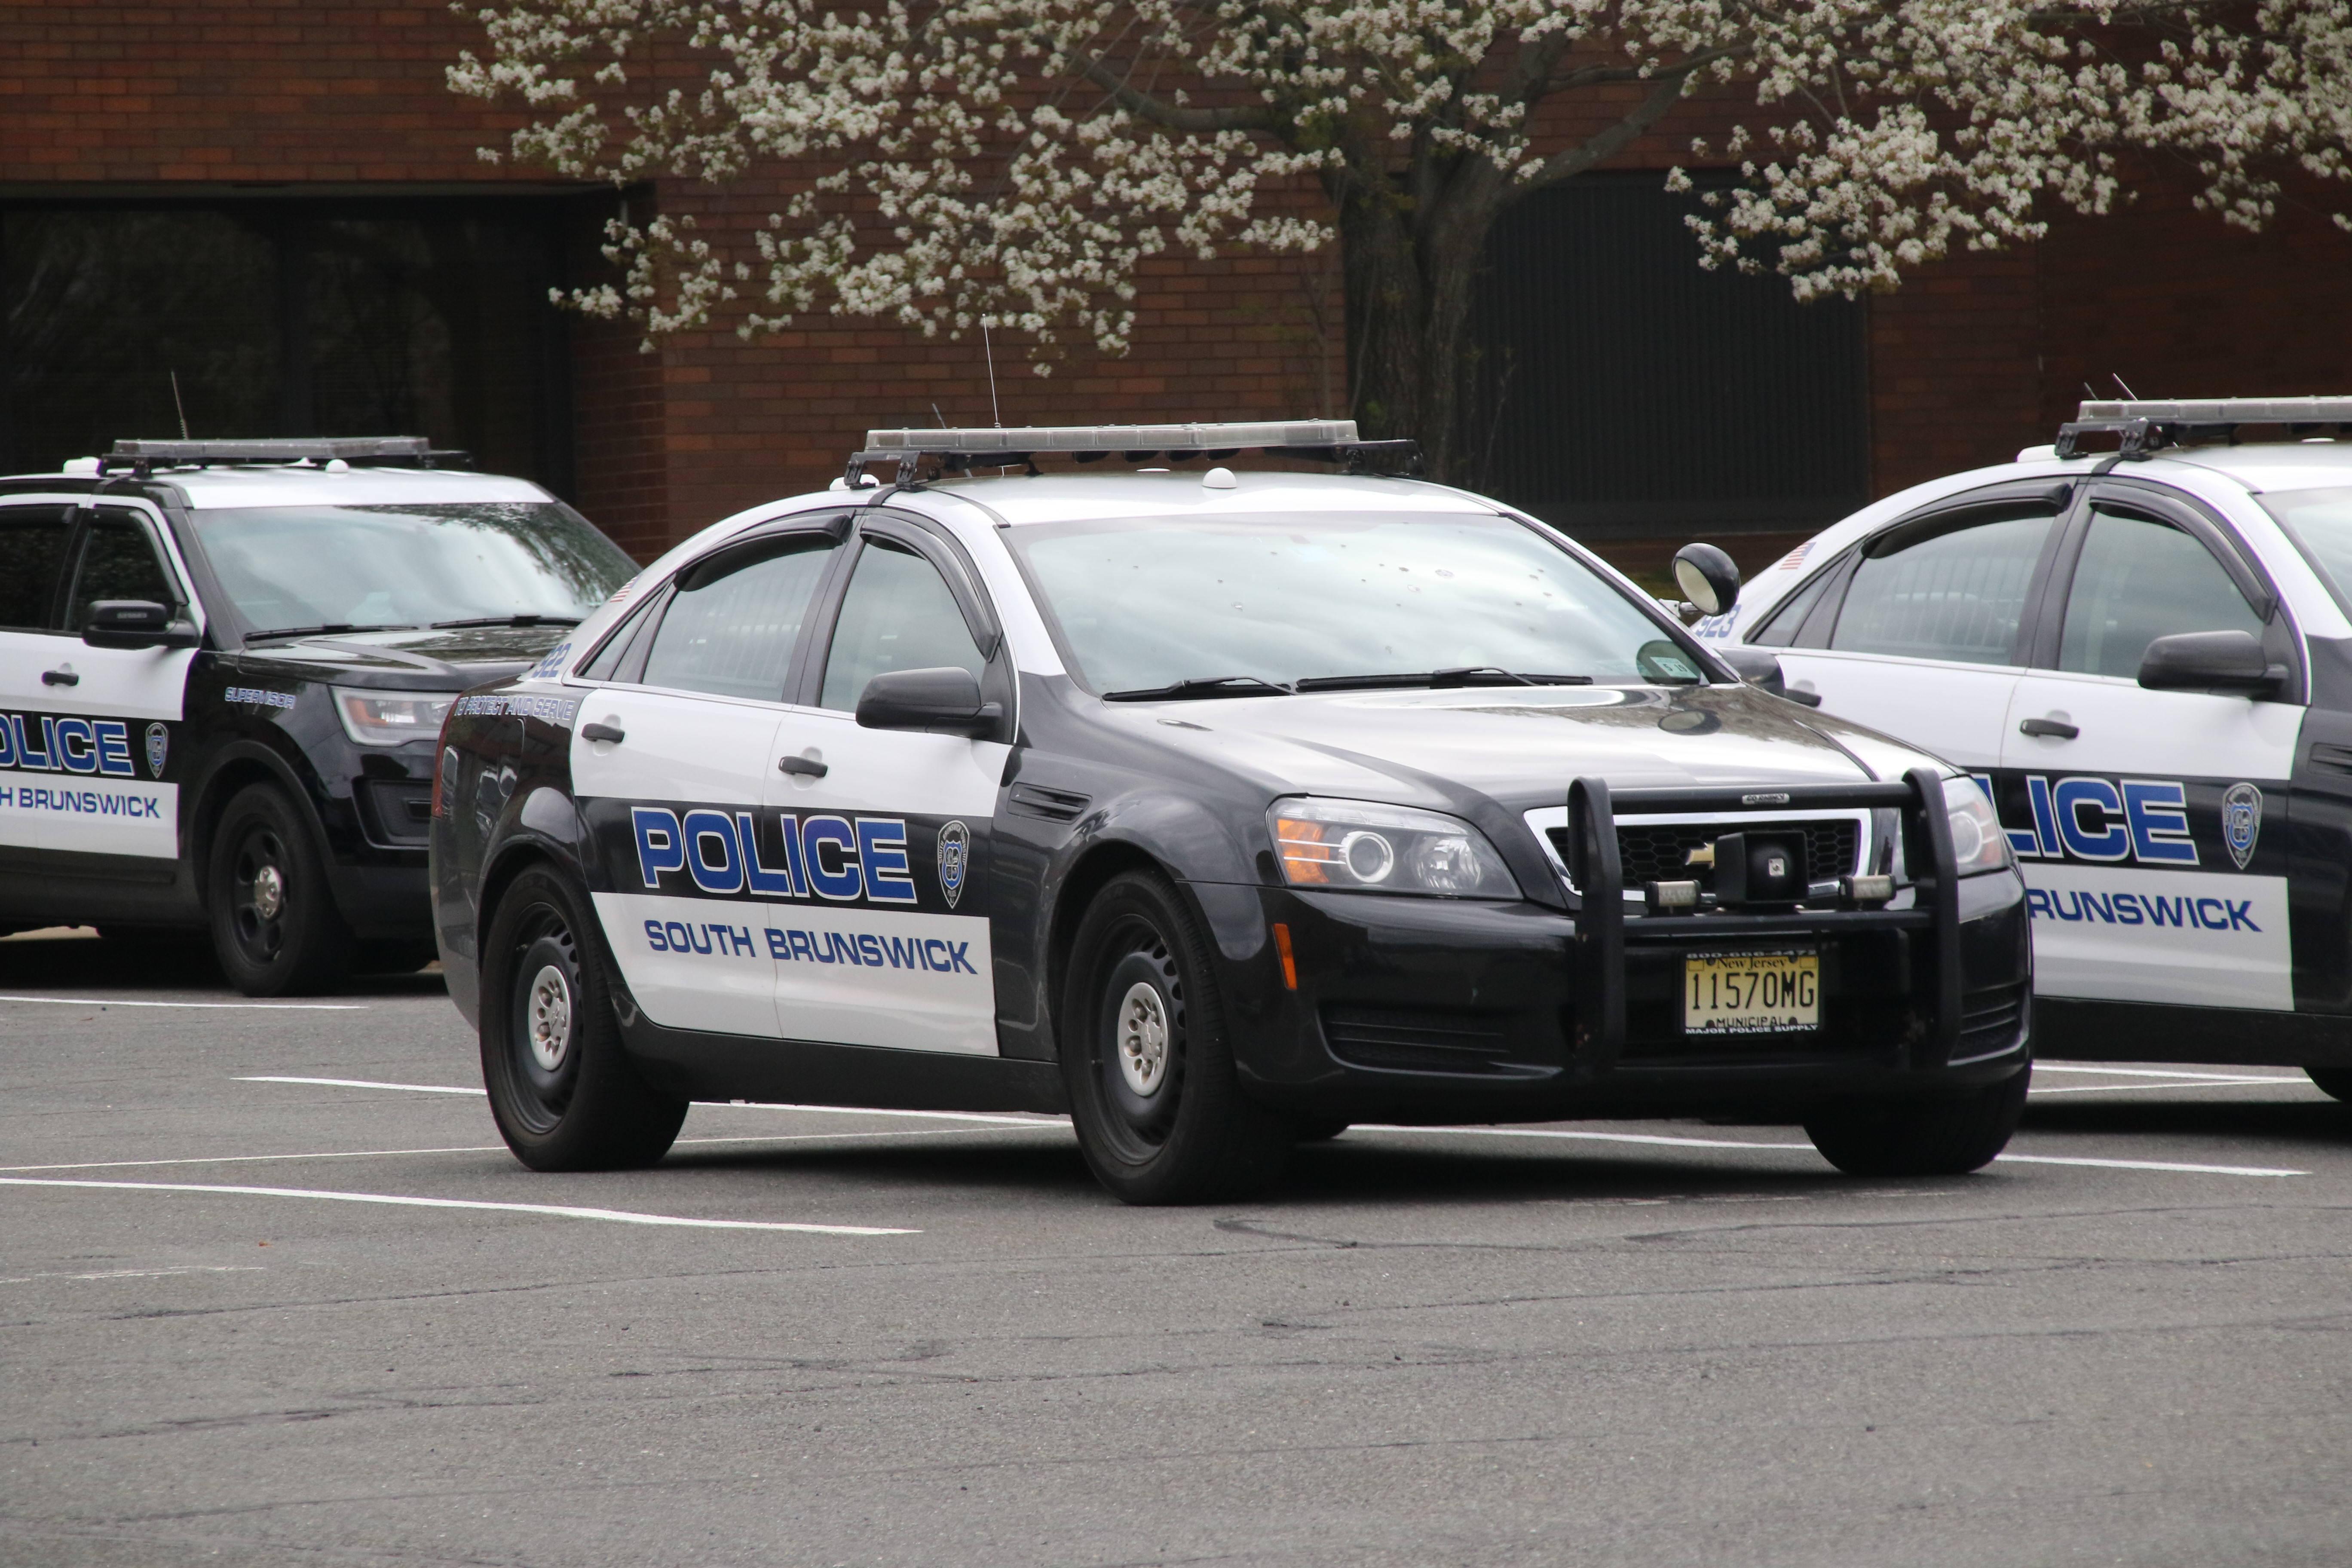 f49442f47fa1a2545d91_sb_police_car.jpg